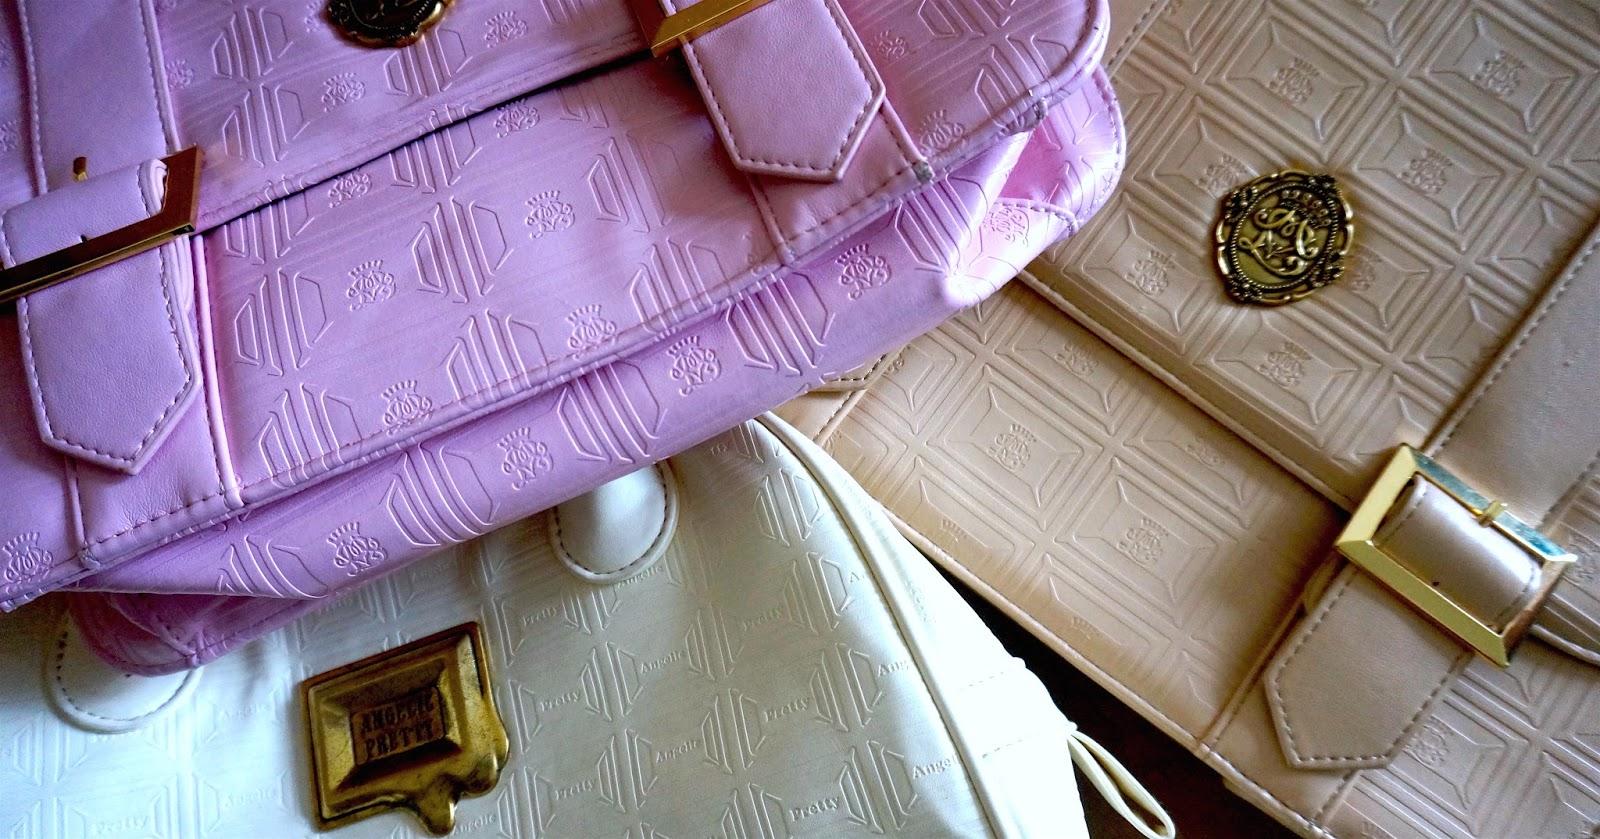 e497794ae07e3 Gdzie kupować torebki do sweet lolity  Krótki przewodnik artisto szopera